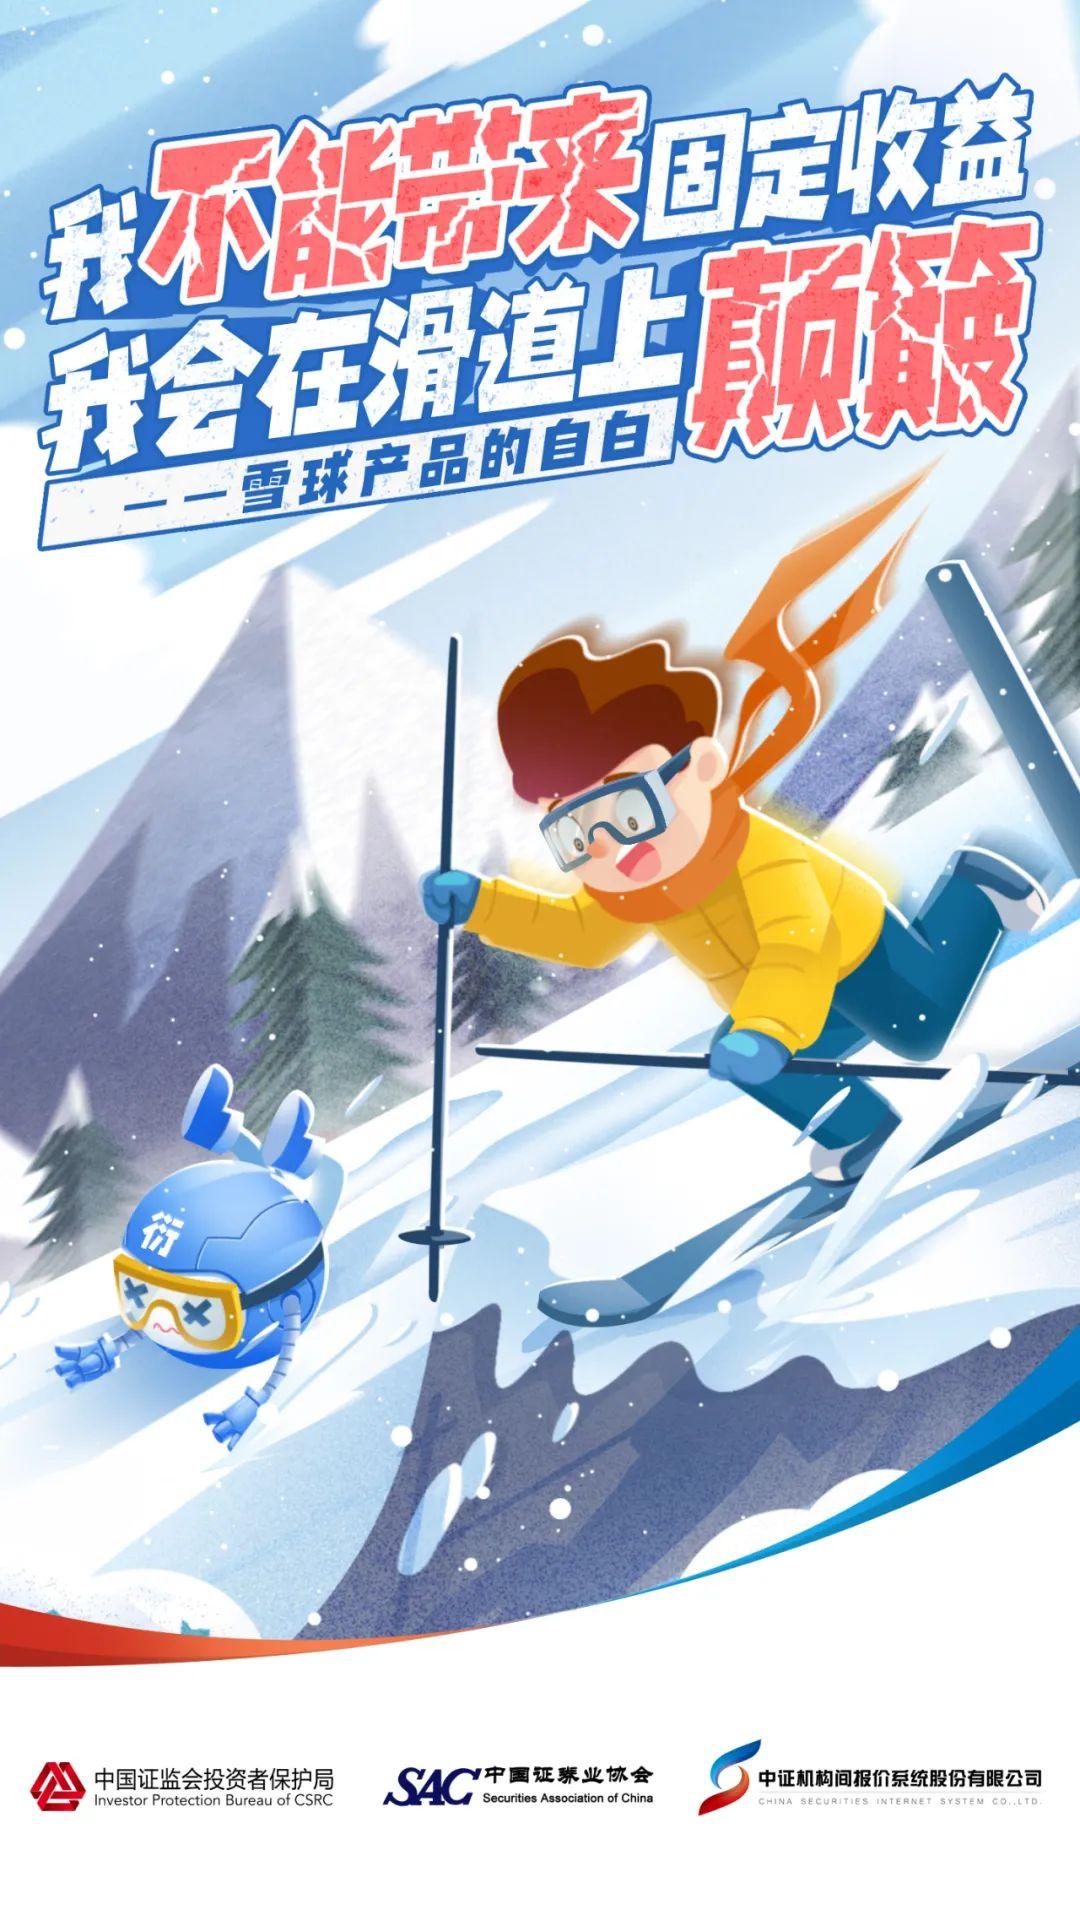 【雪球投教系列之五】雪球产品风险提示